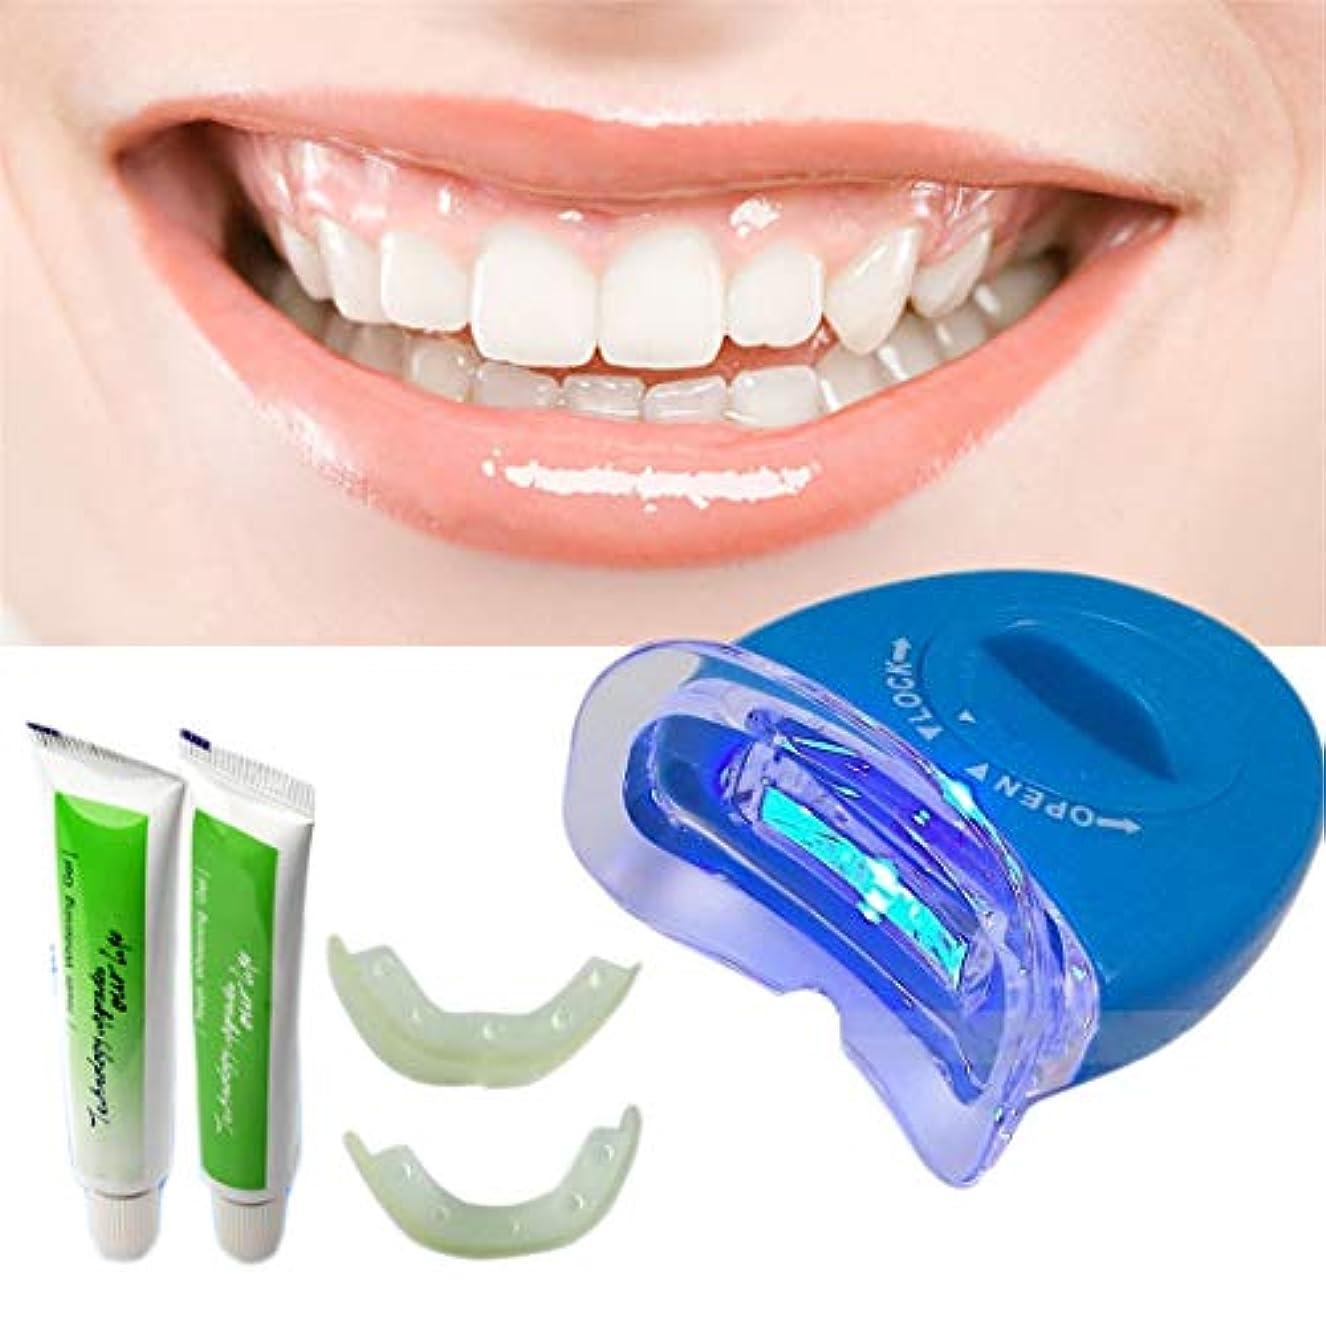 ブレークビット寸法歯ホワイトニング器 歯ケア 美歯器 ホワイトナー ホワイトニング 携帯便利 安全性 口腔衛生 歯を白くする きれい笑顔 口腔洗浄ツール 口腔ゲルキット 歯の消しゴム 歯のホワイトニング 男女兼用